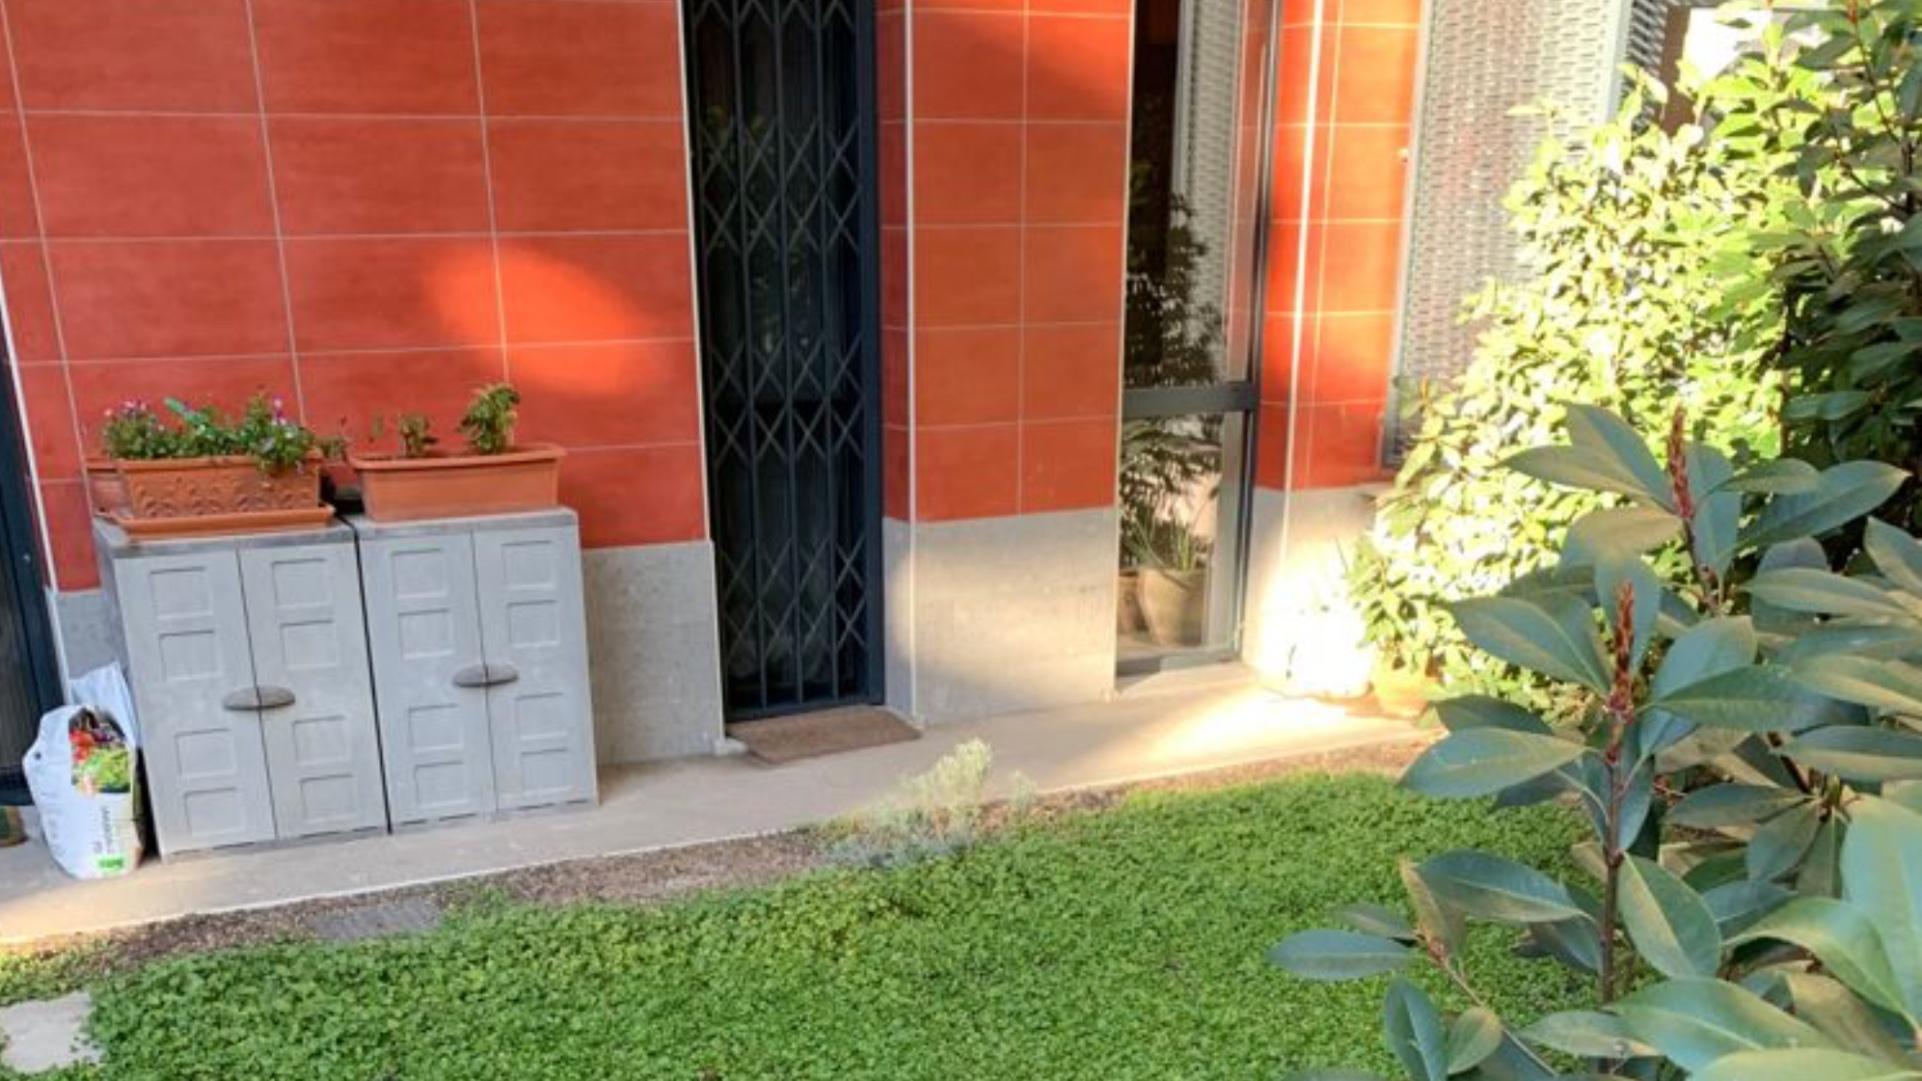 Vendita piccolo trilocale climatizzato con giardino e possibilità box, Bovisa